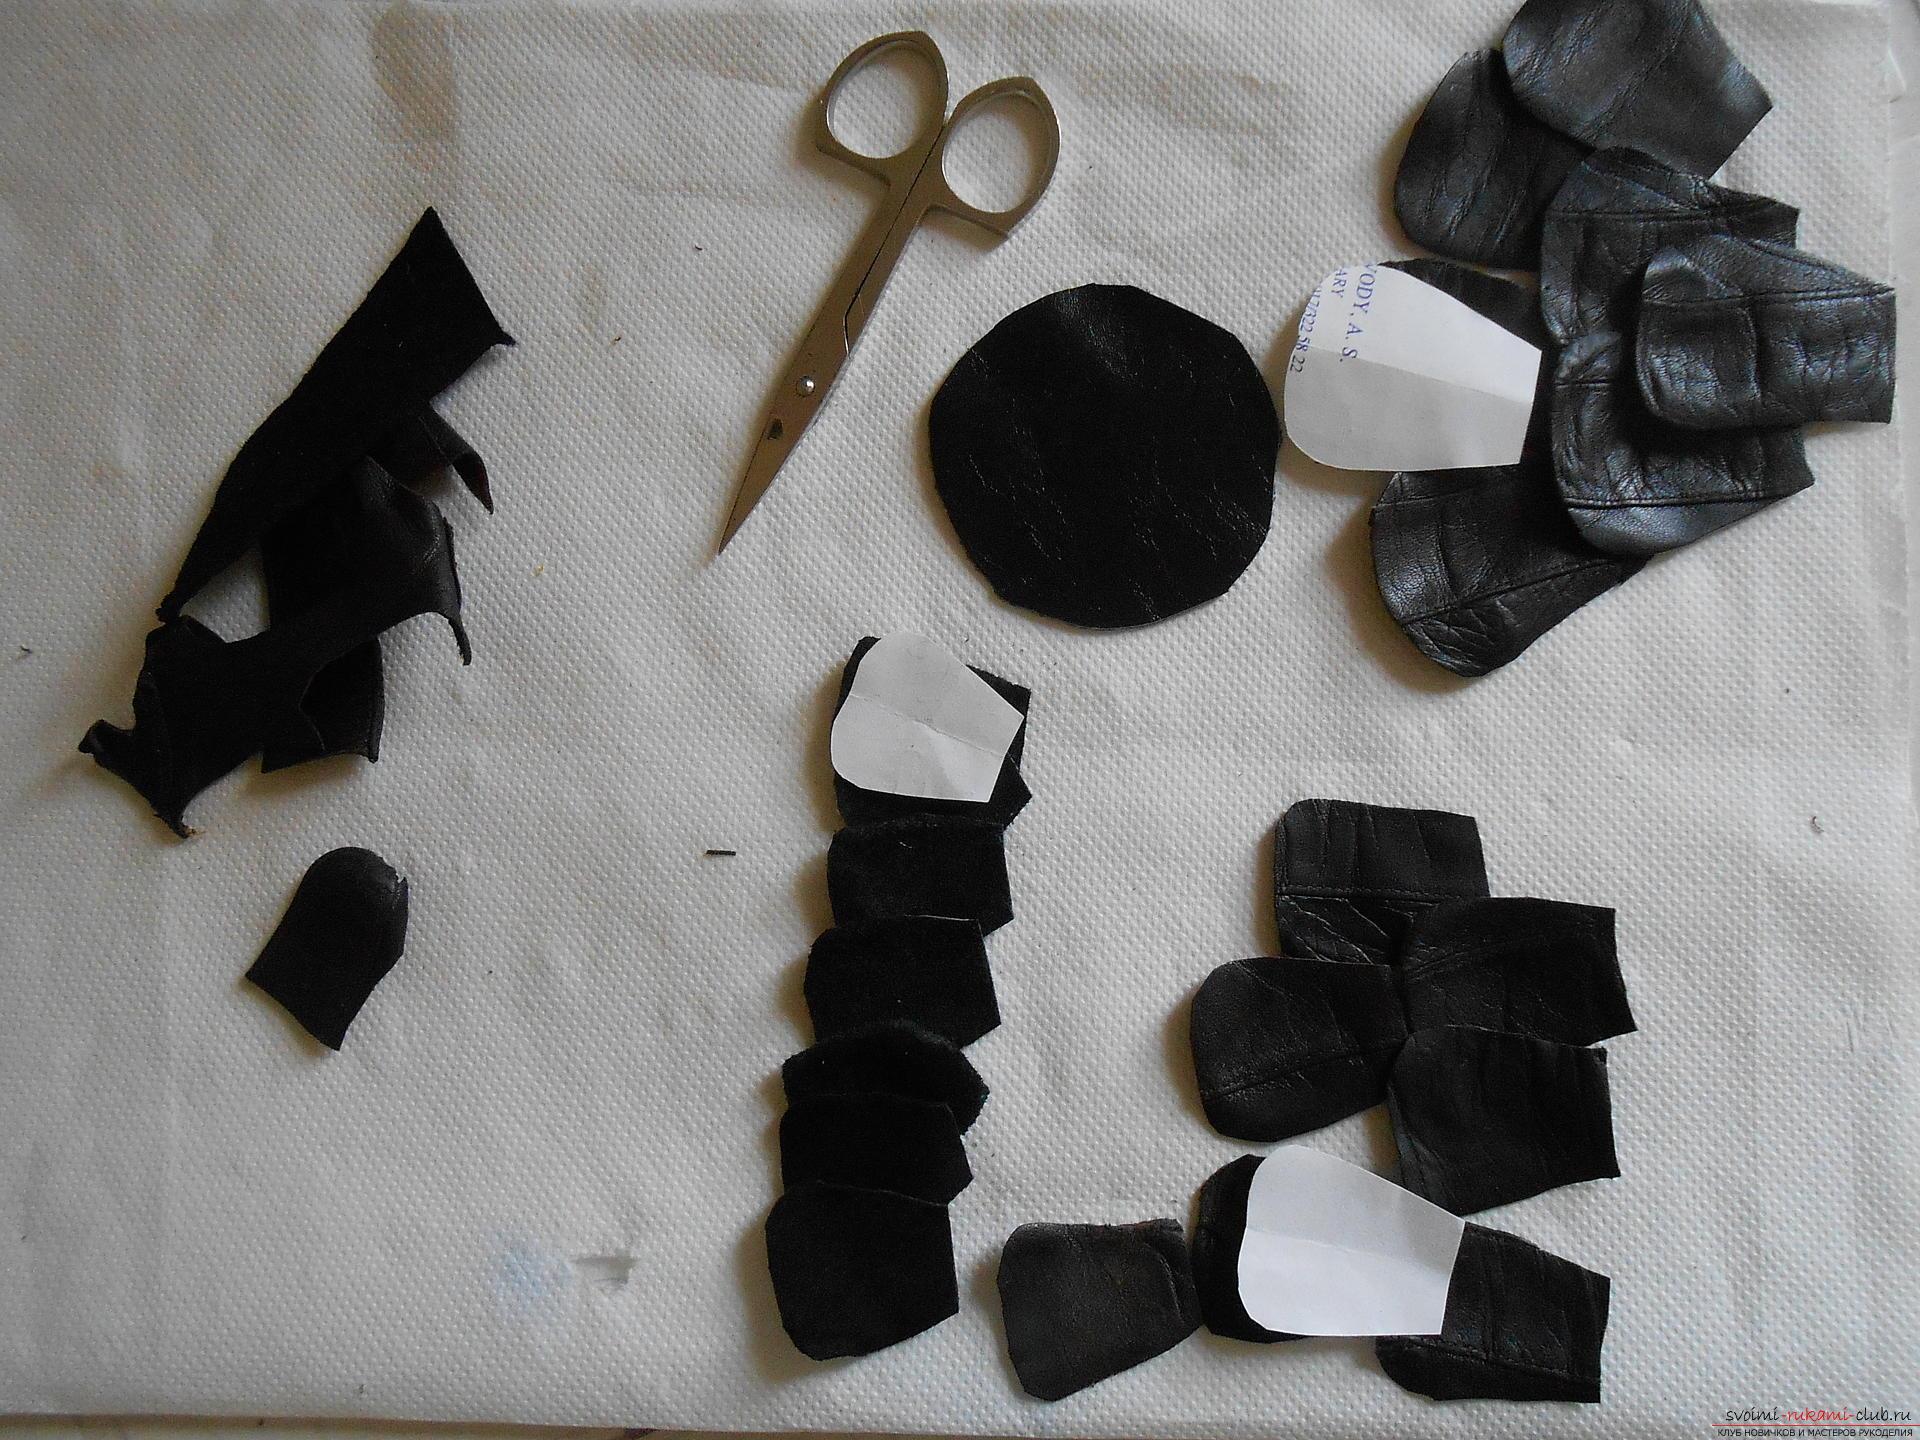 Кожаные чехлы самые модные для телефонов, но мало кто знает как сделать чехлы из кожи своими руками.. Фото №6